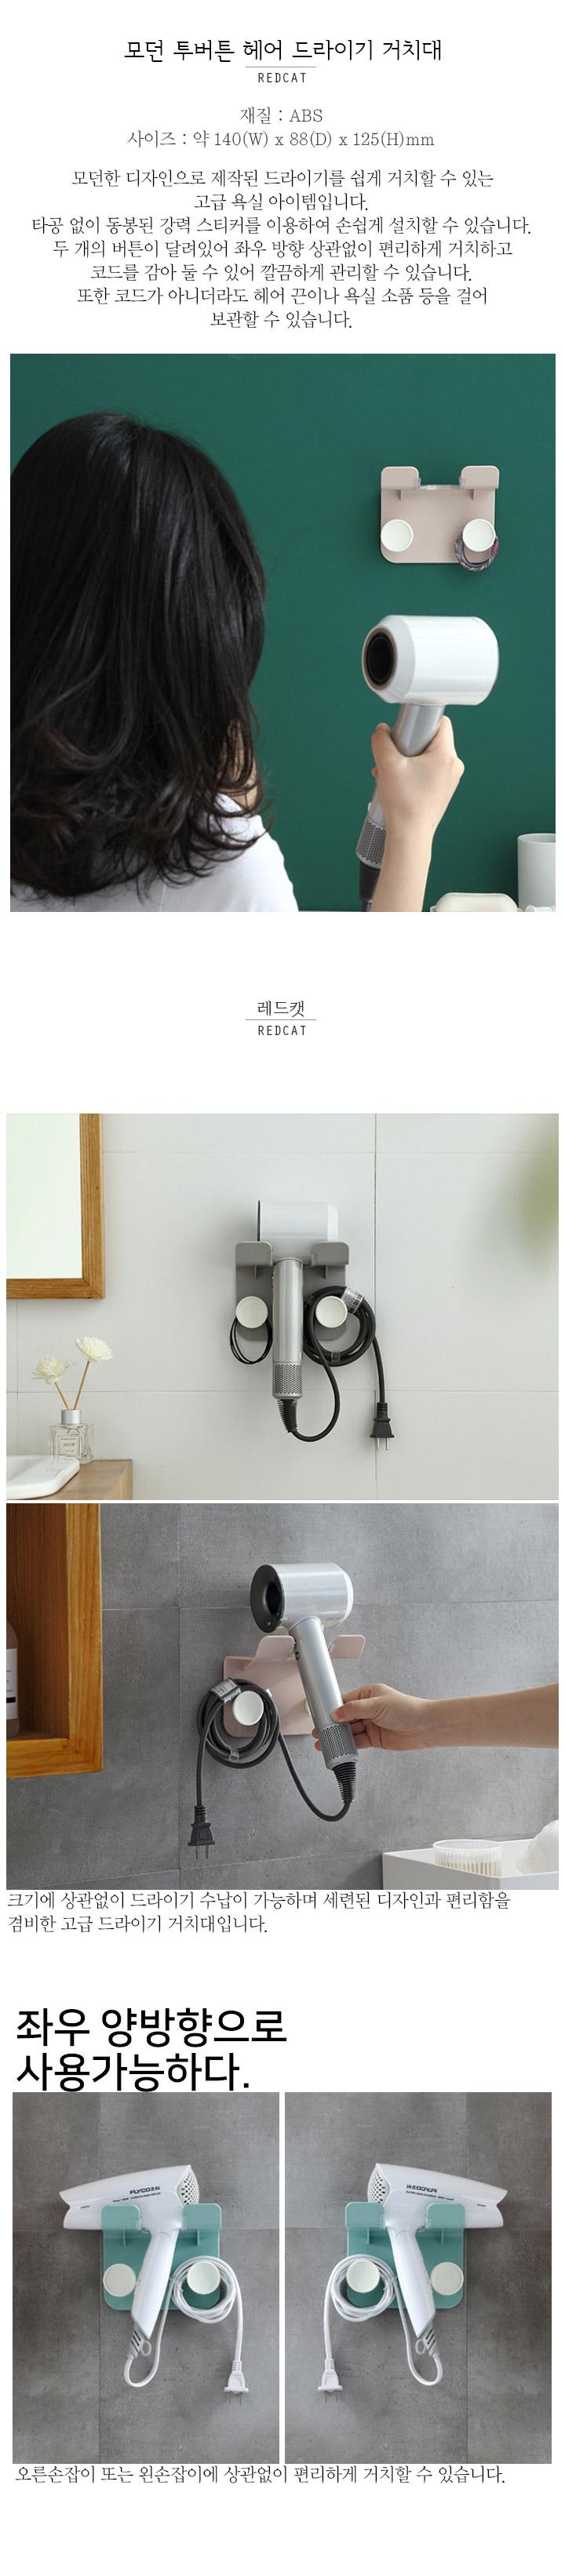 모던 투버튼 헤어 드라이기 거치대 - 네코리빙, 4,400원, 정리용품/청소, 욕실선반/걸이